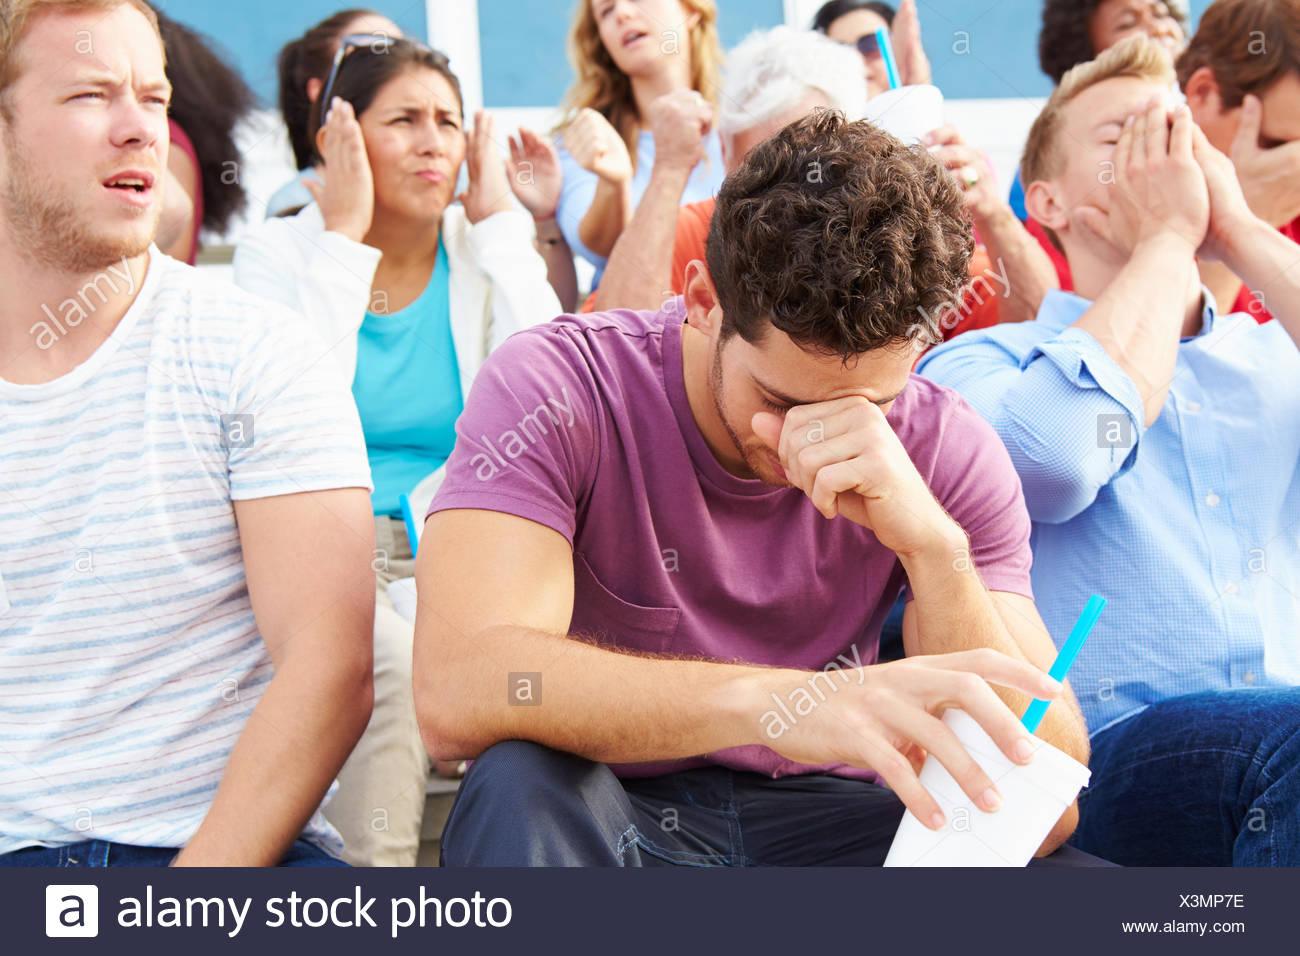 Deluso gli spettatori della Outdoor Sports Event Immagini Stock